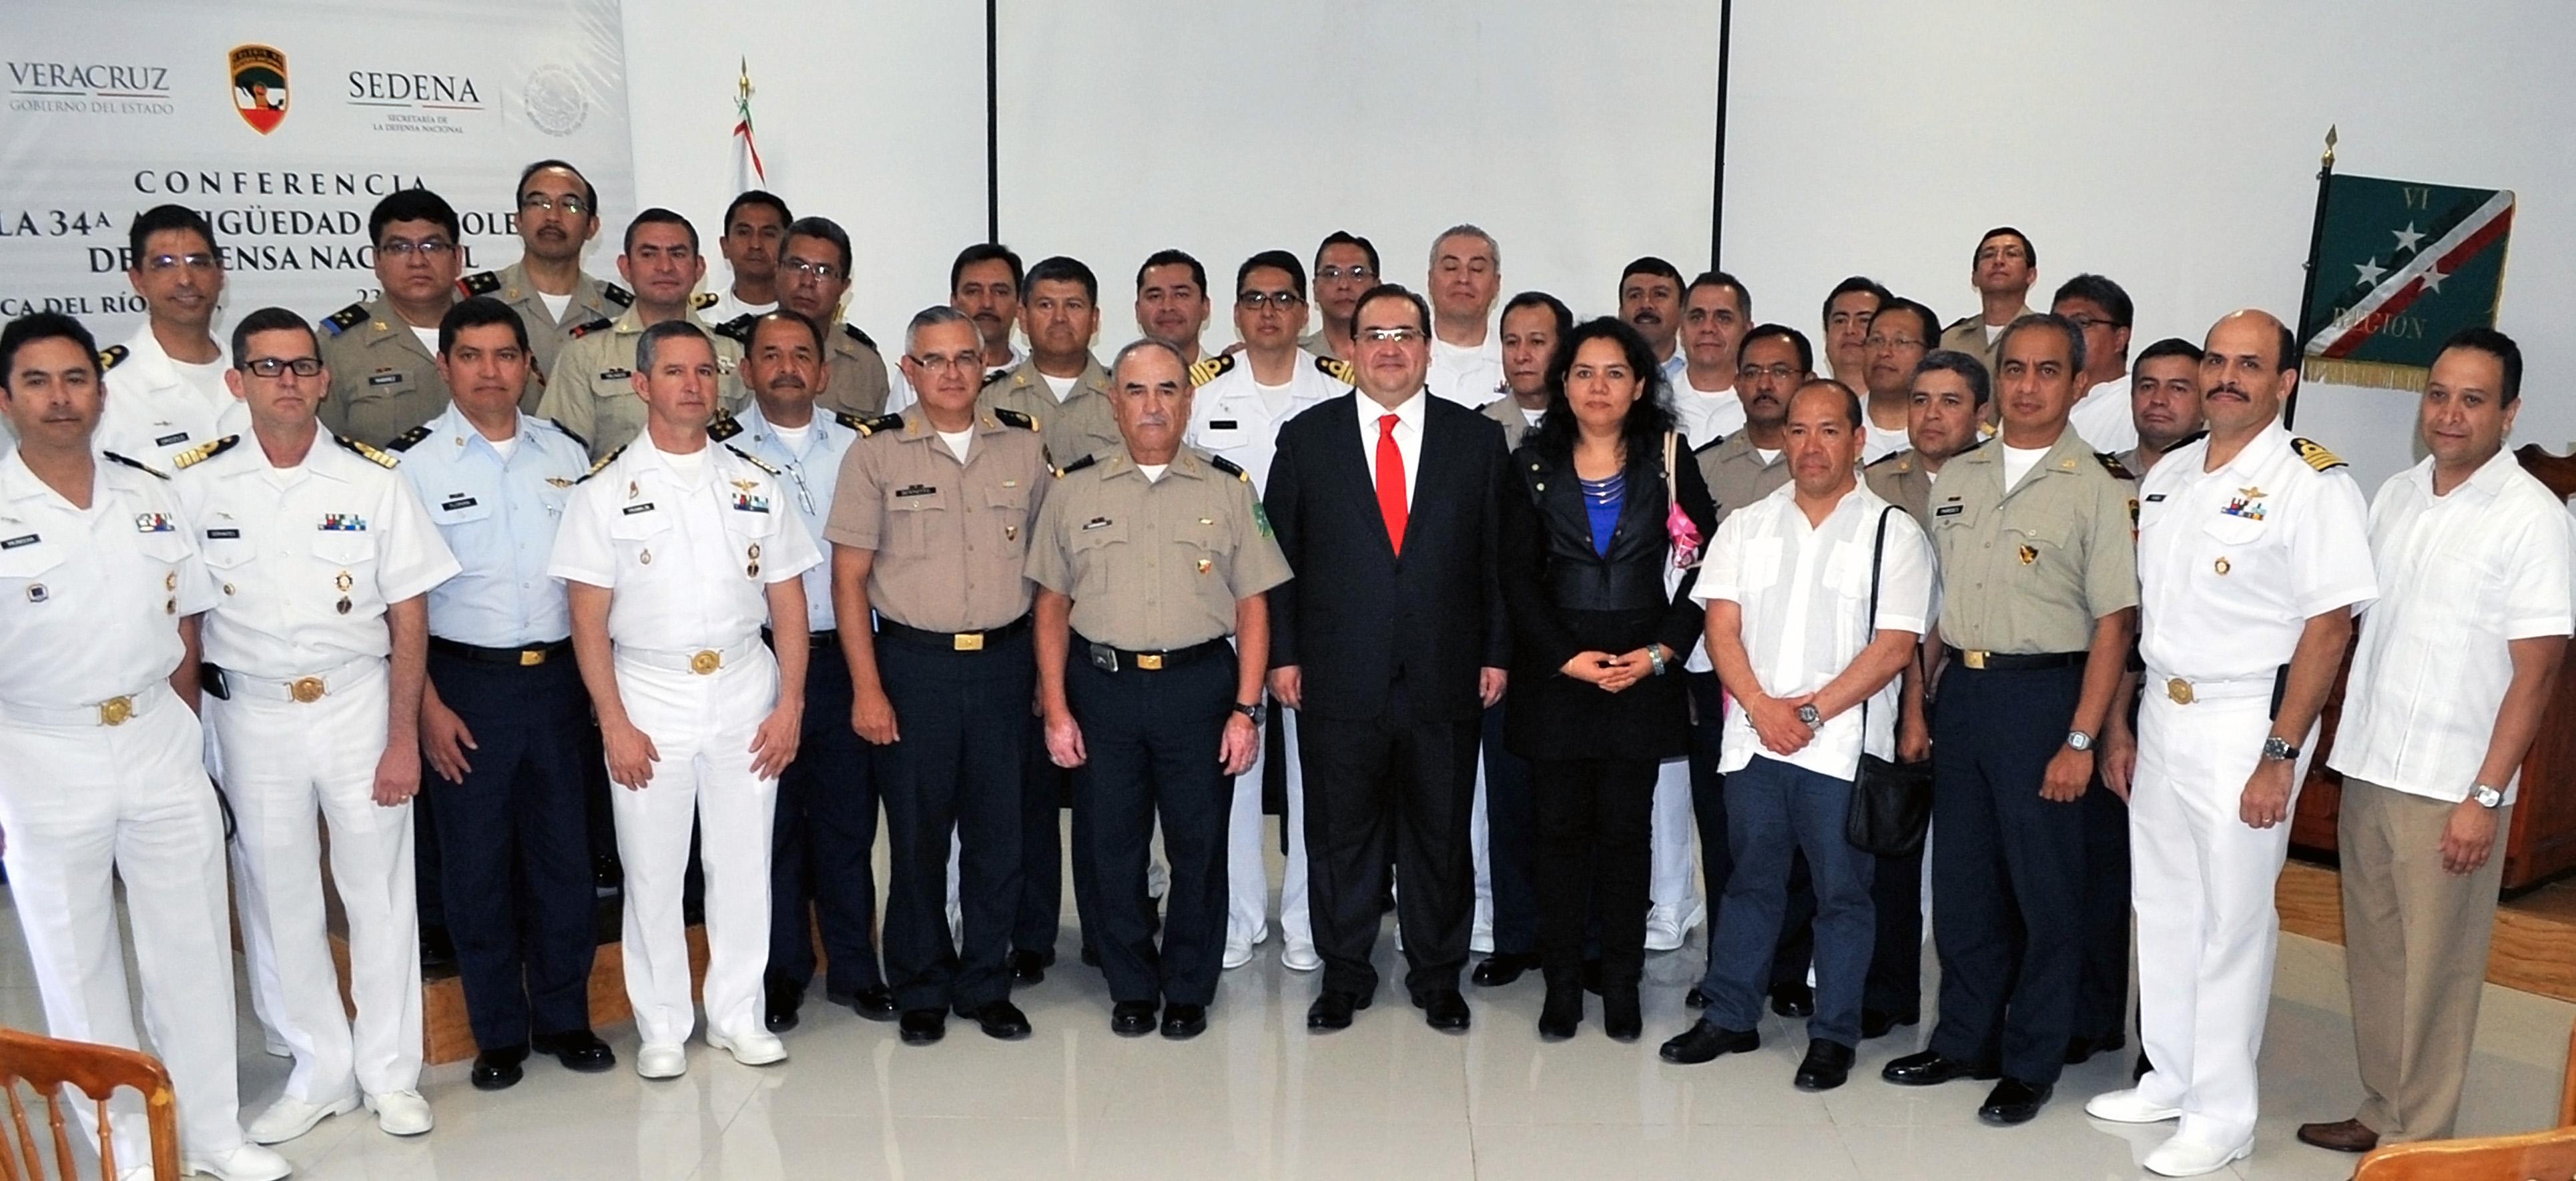 Veracruz, con infraestructura moderna para ser potencia económica y social: Javier Duarte